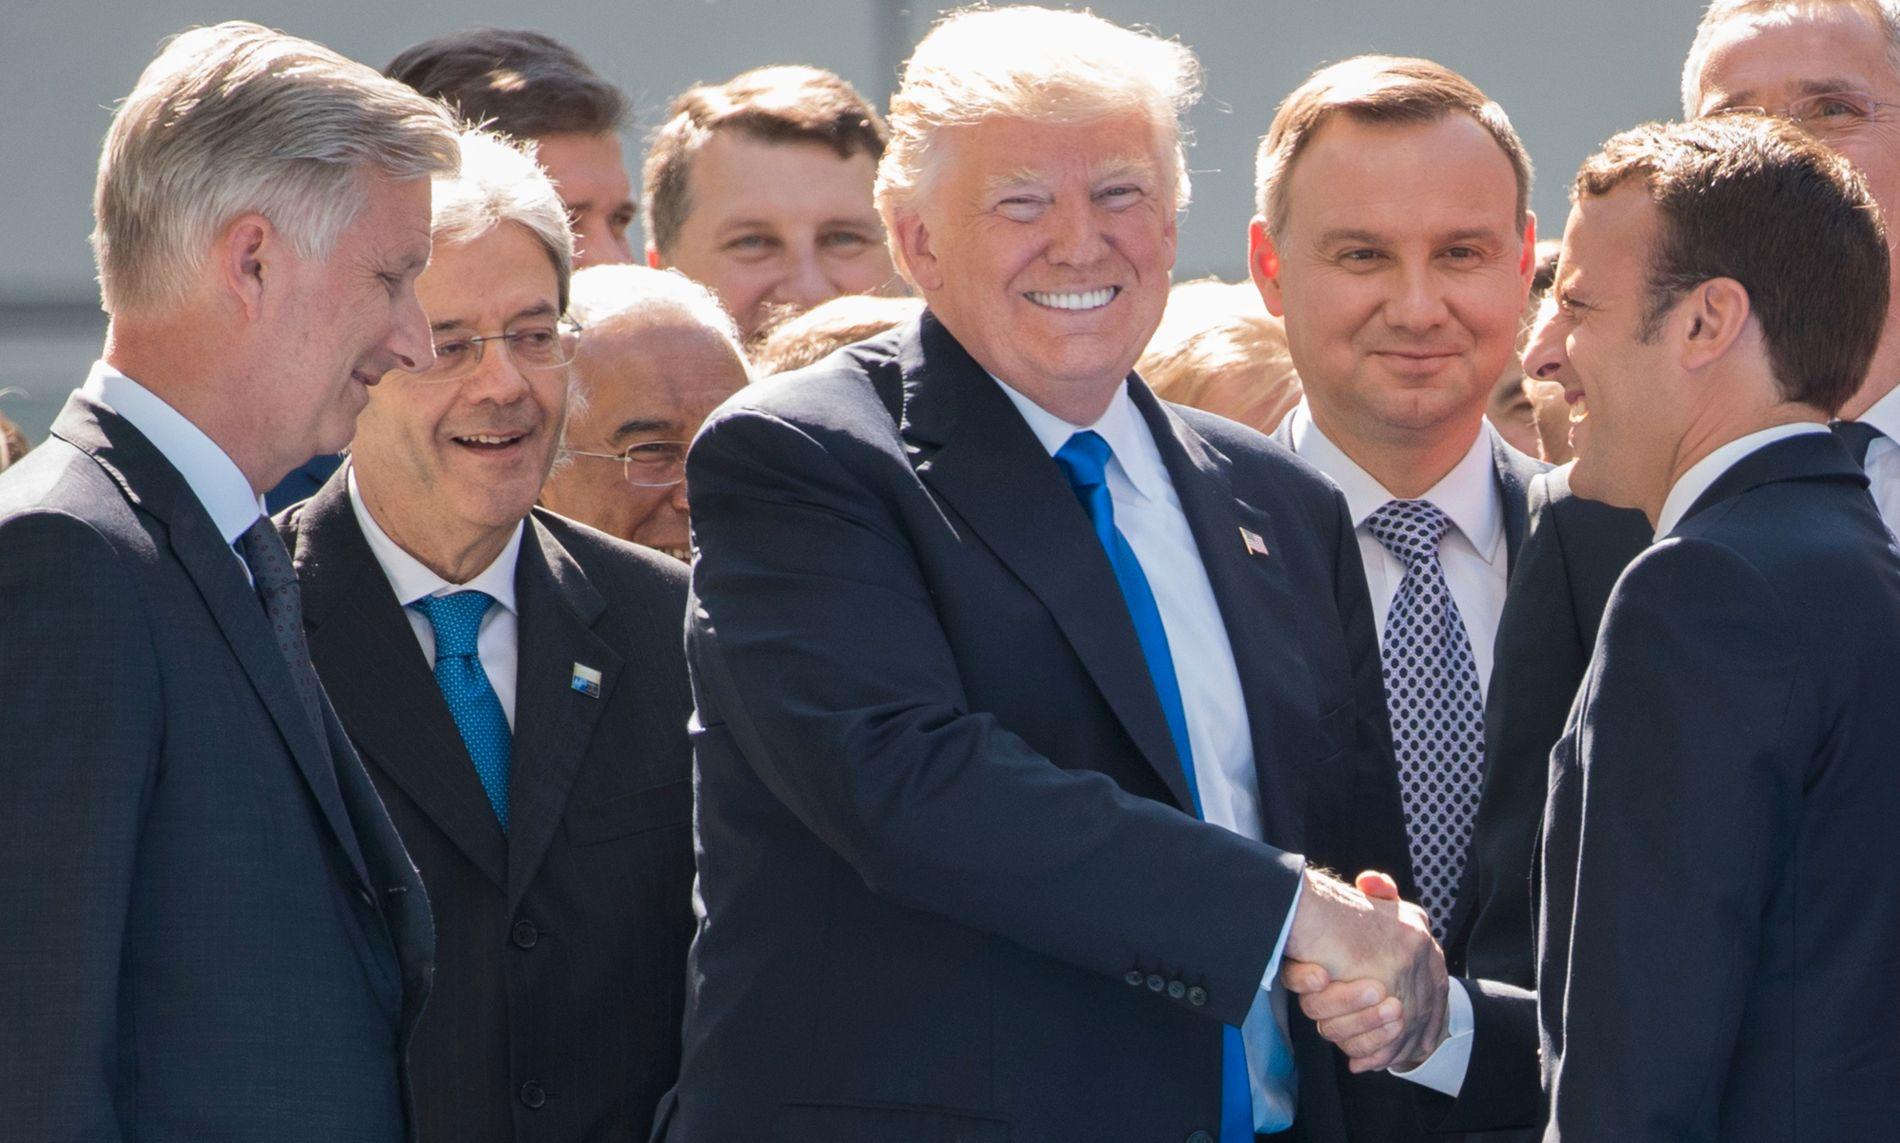 KLEMTE TIL: Da Emmanuel Macron, den nye franske presidenten kom til NATO-toppmøtet klemte USAs president Donald Trump så hardt til hånden hans at knokene ble hvite.